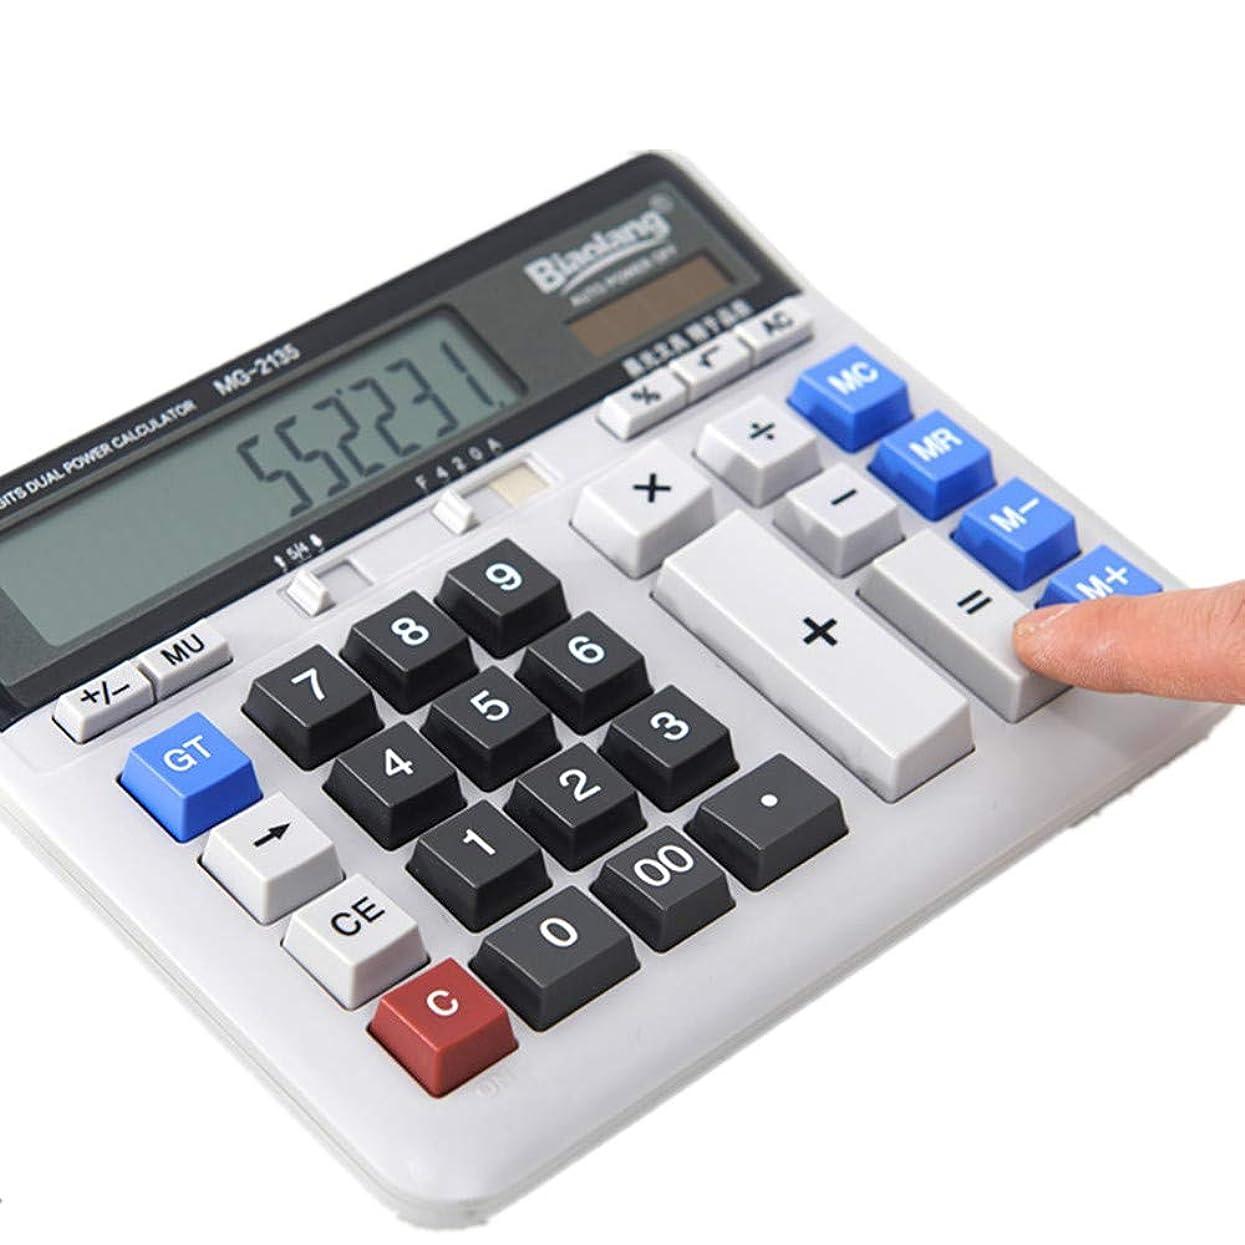 中毒トラクター画面電卓 ビジネスオフィス電卓大型コンピュータキーボードデスクトップデスクトップコンピュータ 準関数電卓スクールオフィス